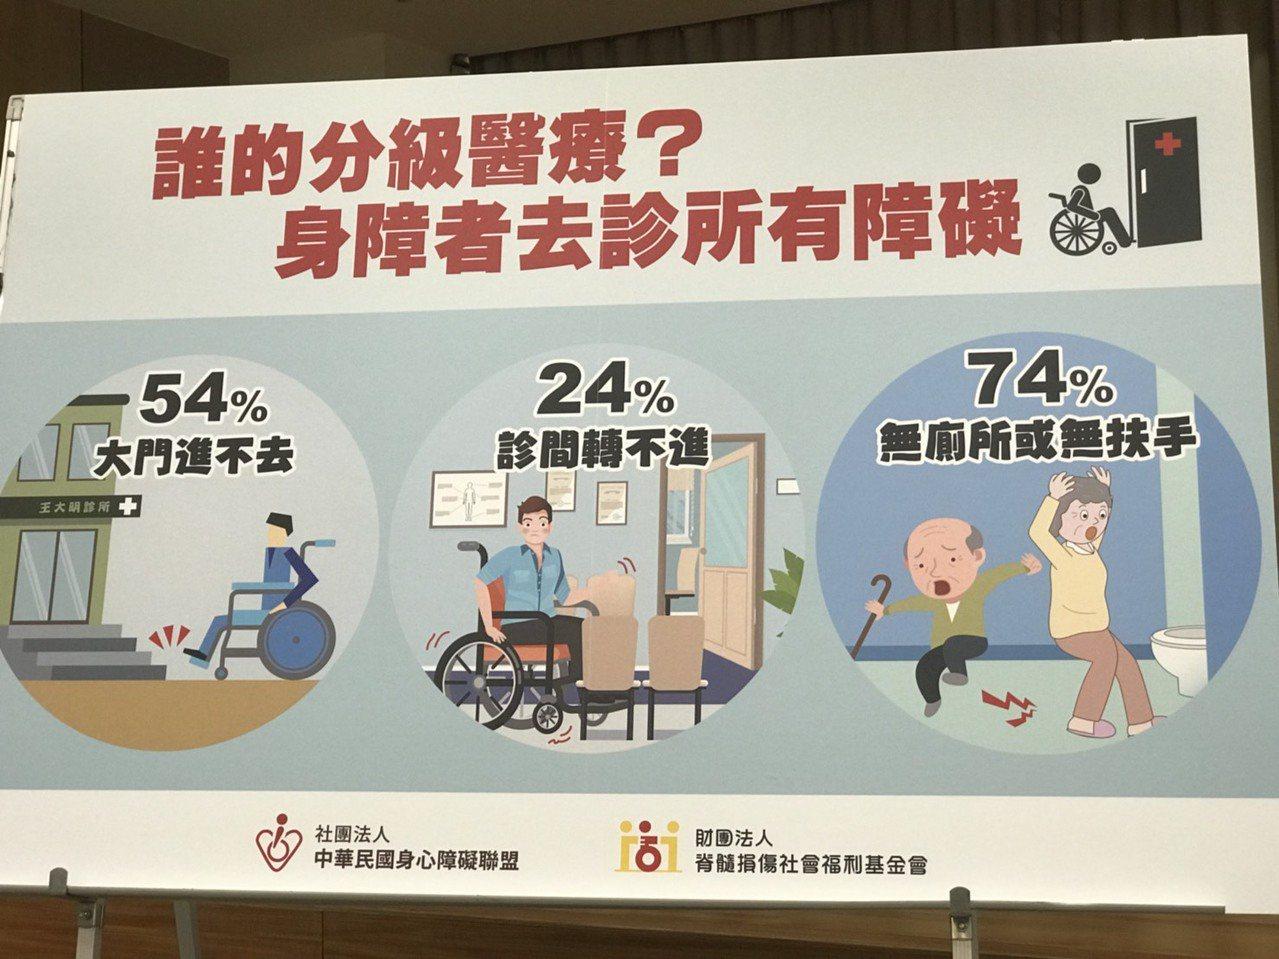 據身心障礙聯盟調查統計發現,54%身障者診所大門進不去,24%診間轉不進,74%...